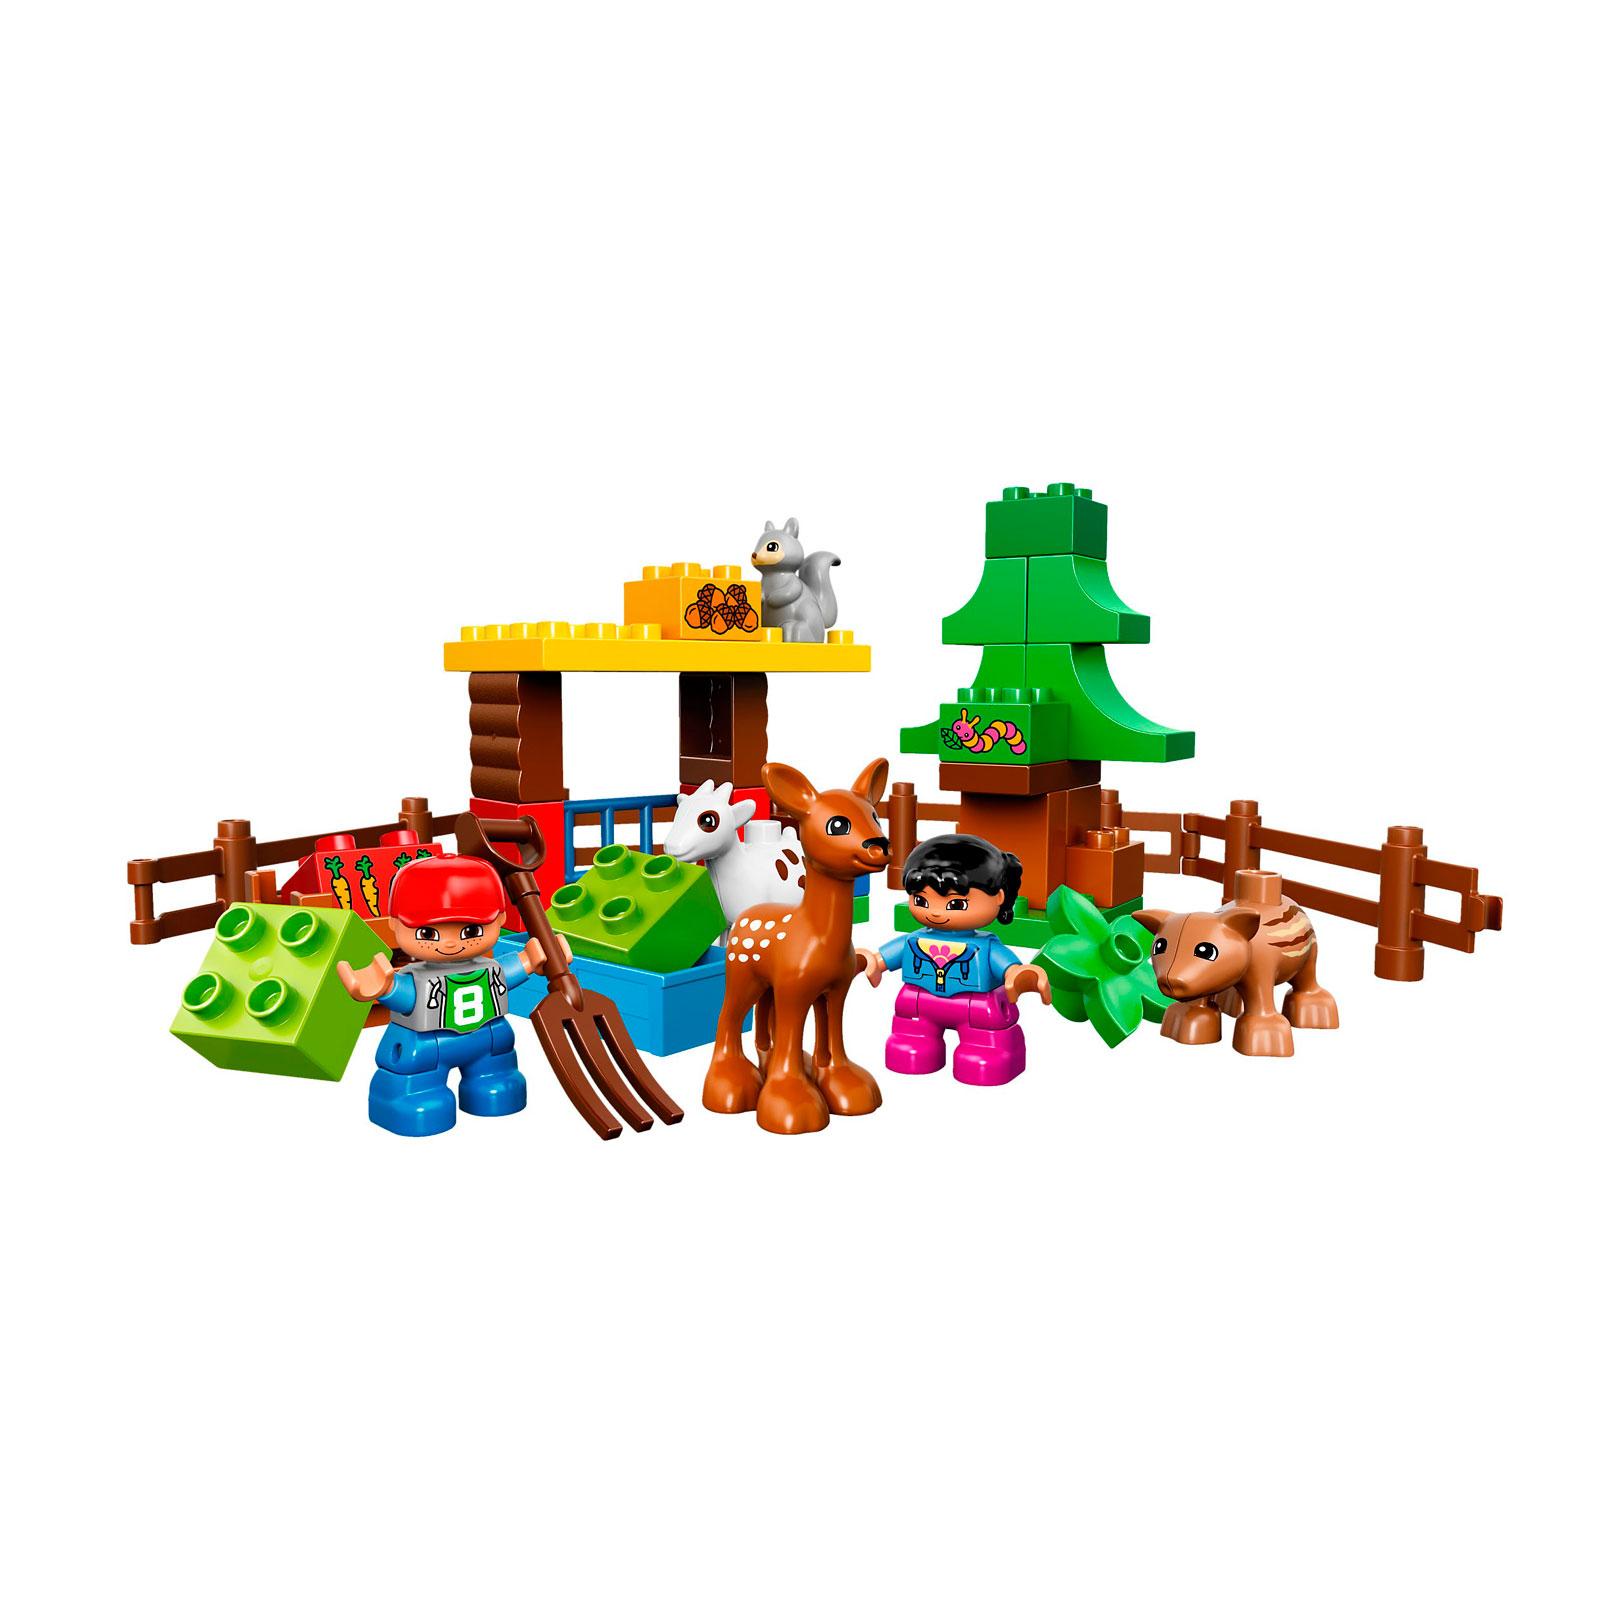 Конструктор LEGO Duplo 10582 Лесные животные<br>